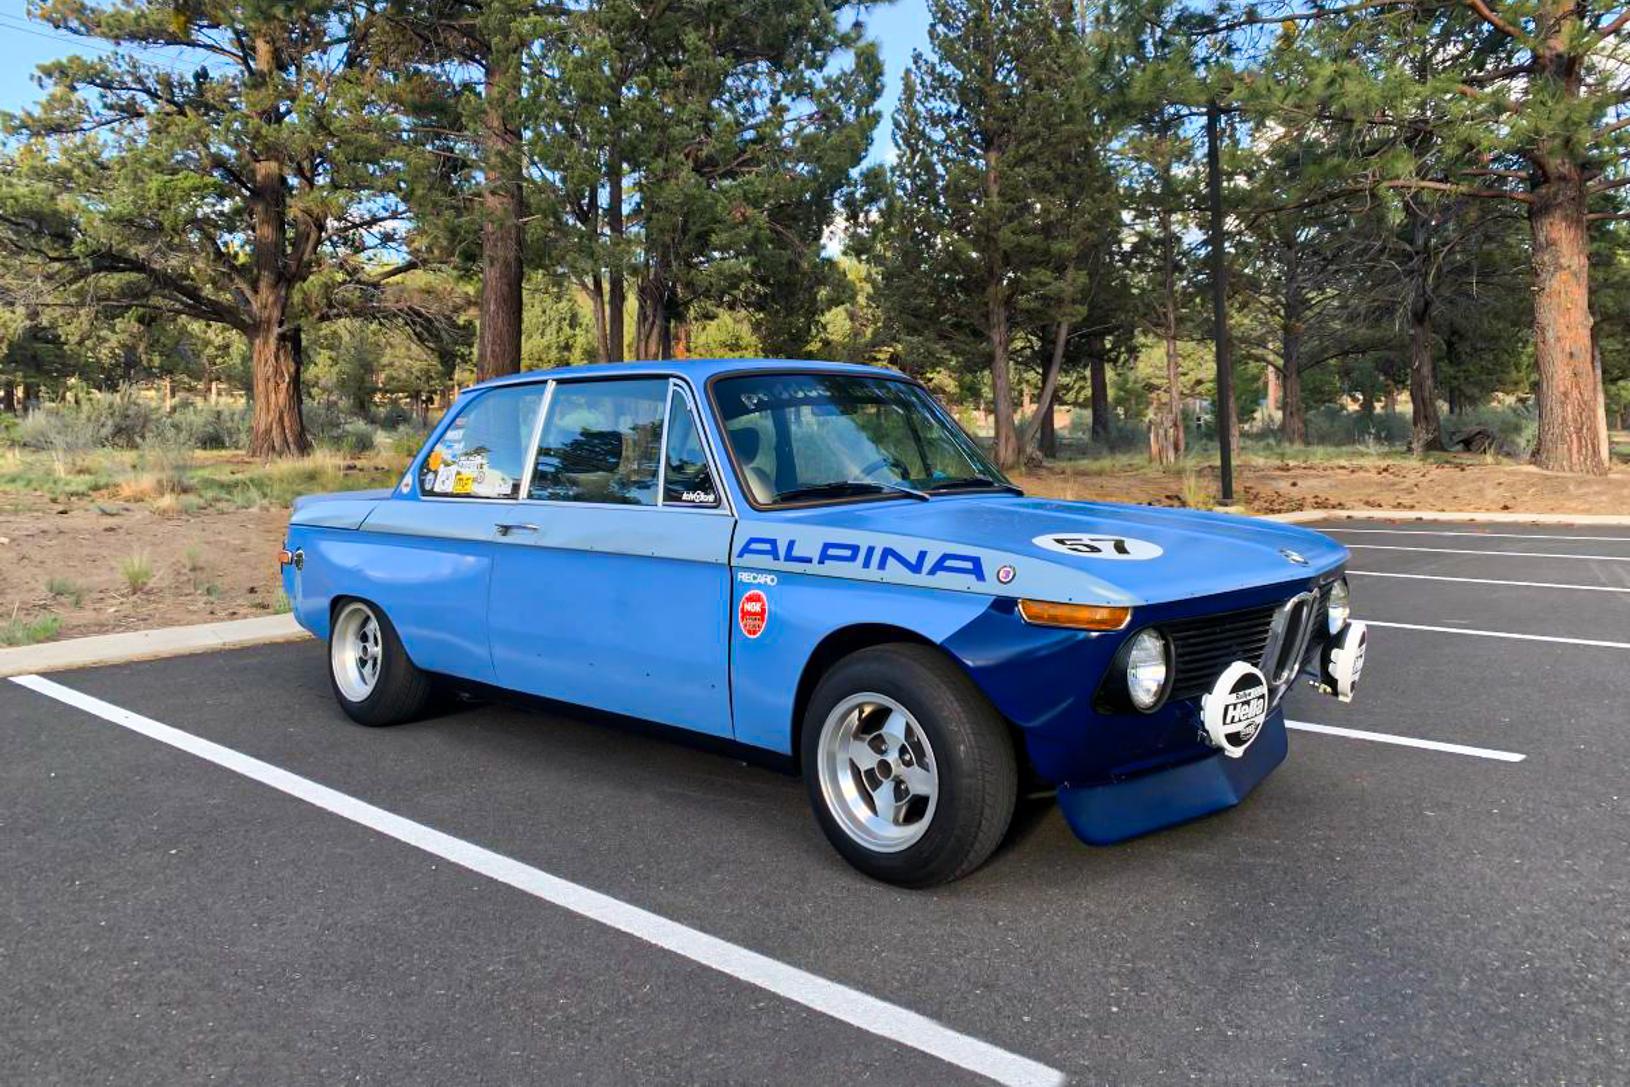 1975 BMW 2002 'Alipna Replica'